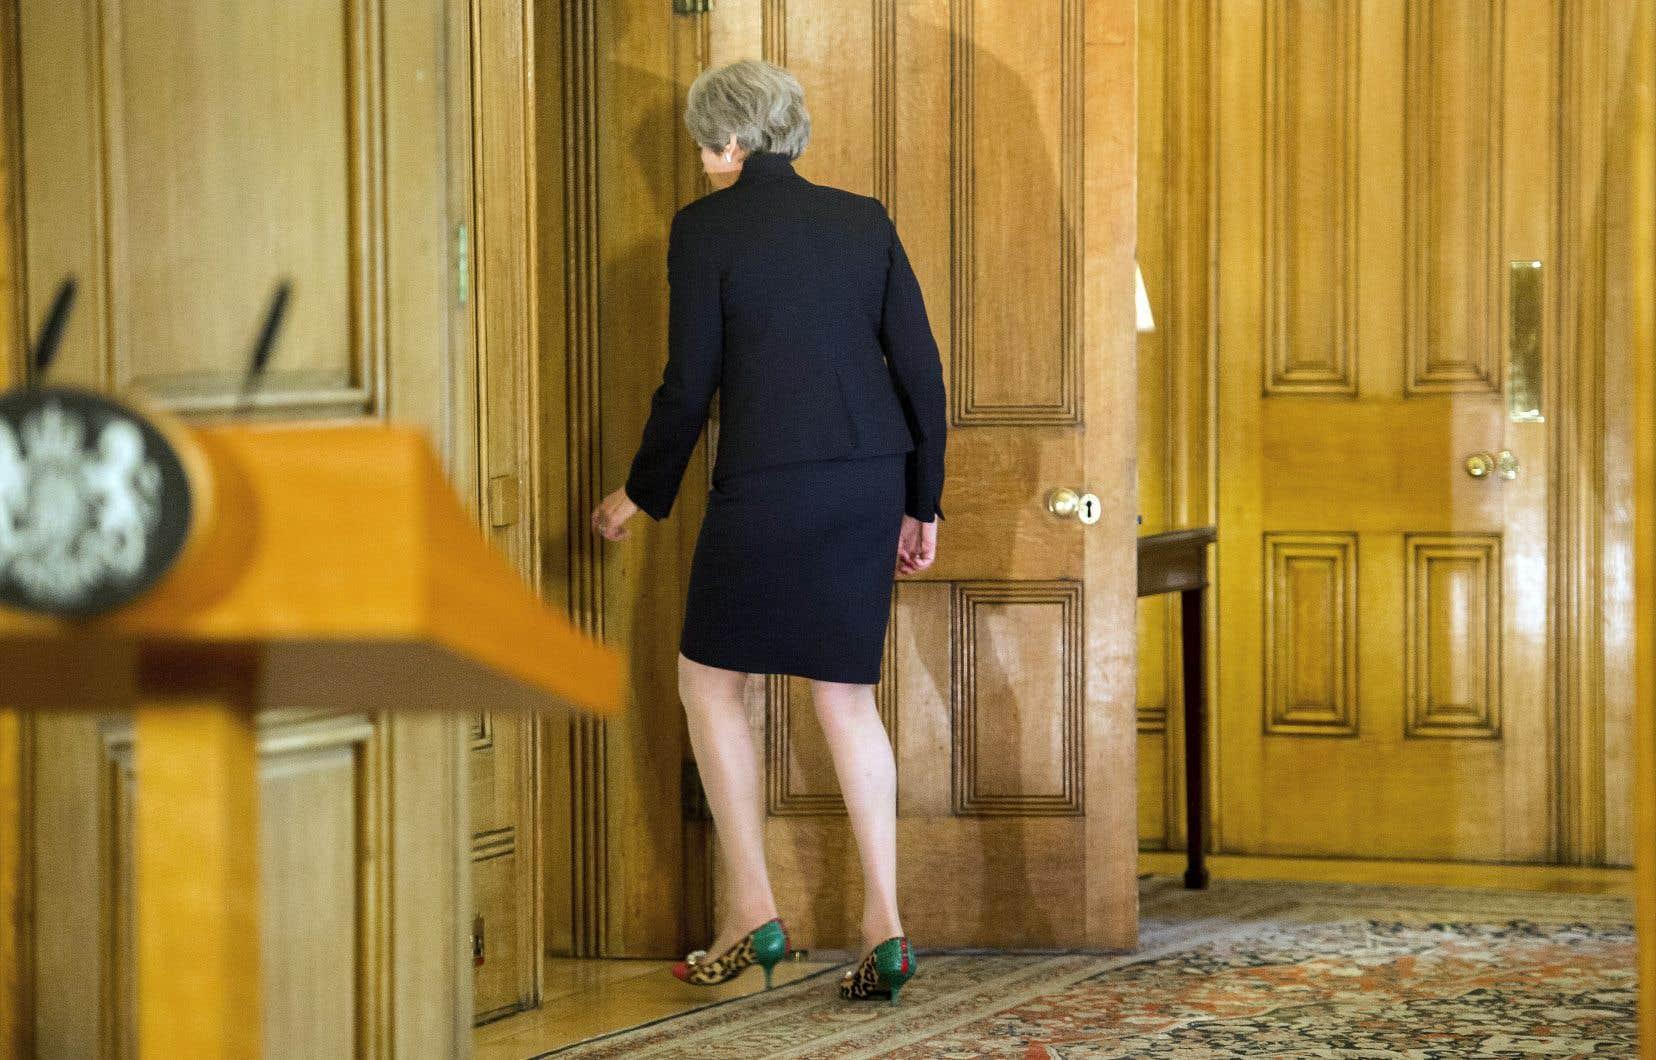 La première ministre britannique, Theresa May, quitte la pièce après avoir fait une déclaration sur les négociations à la suite du sommet de l'UE à Salzbourg.